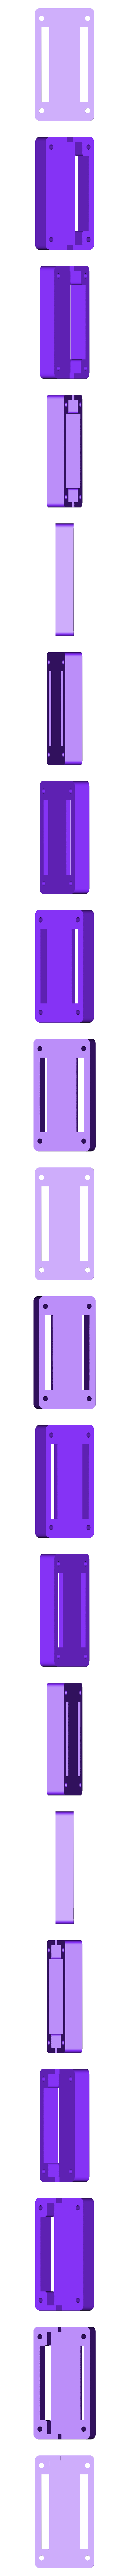 box_1-charger-_4.2v.STL Télécharger fichier STL gratuit Protection du boîtier Pile au lithium Module de chargement • Objet à imprimer en 3D, TB3D